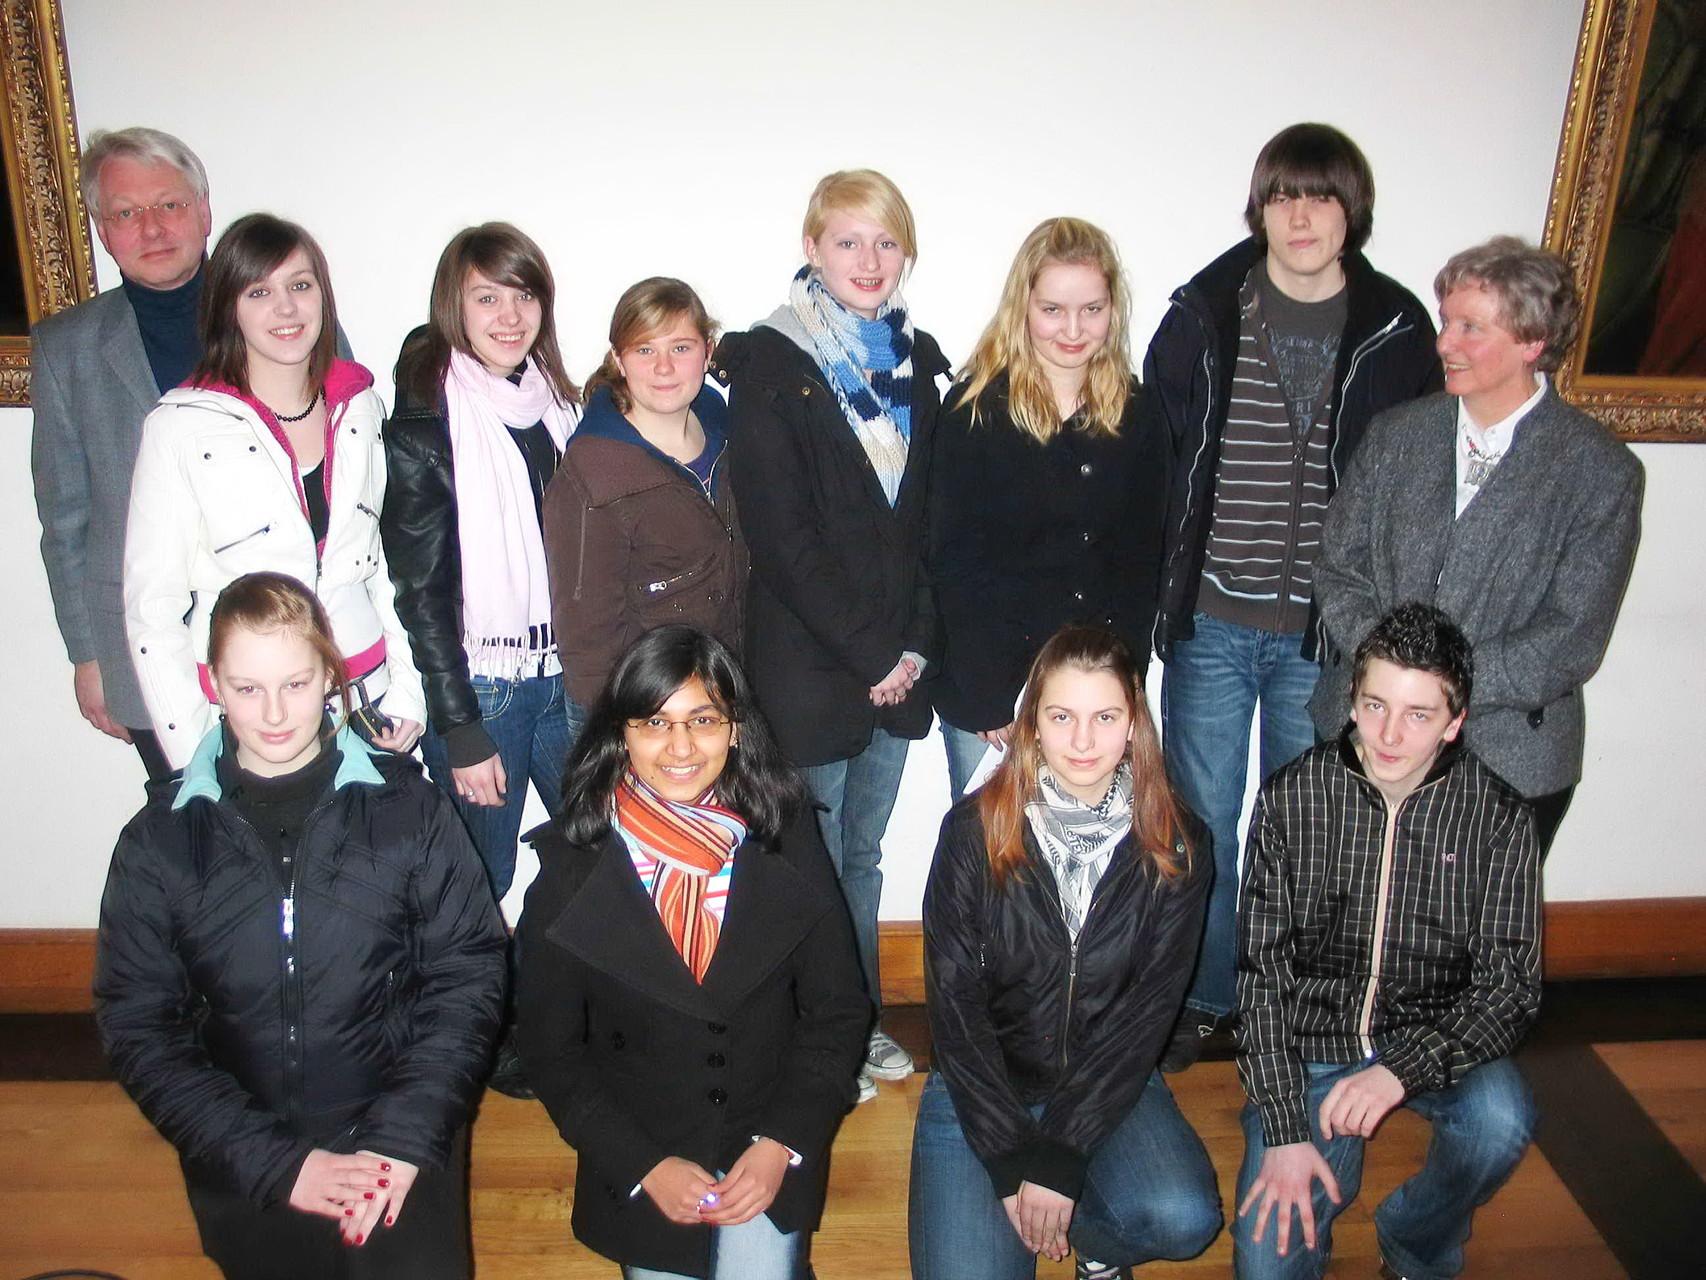 """Erste Vorstellung des Projekts """"JuleA"""" am 19. März 2008 (Osterferien) im alten Rathaus in Arnsberg (Foto: IS)"""